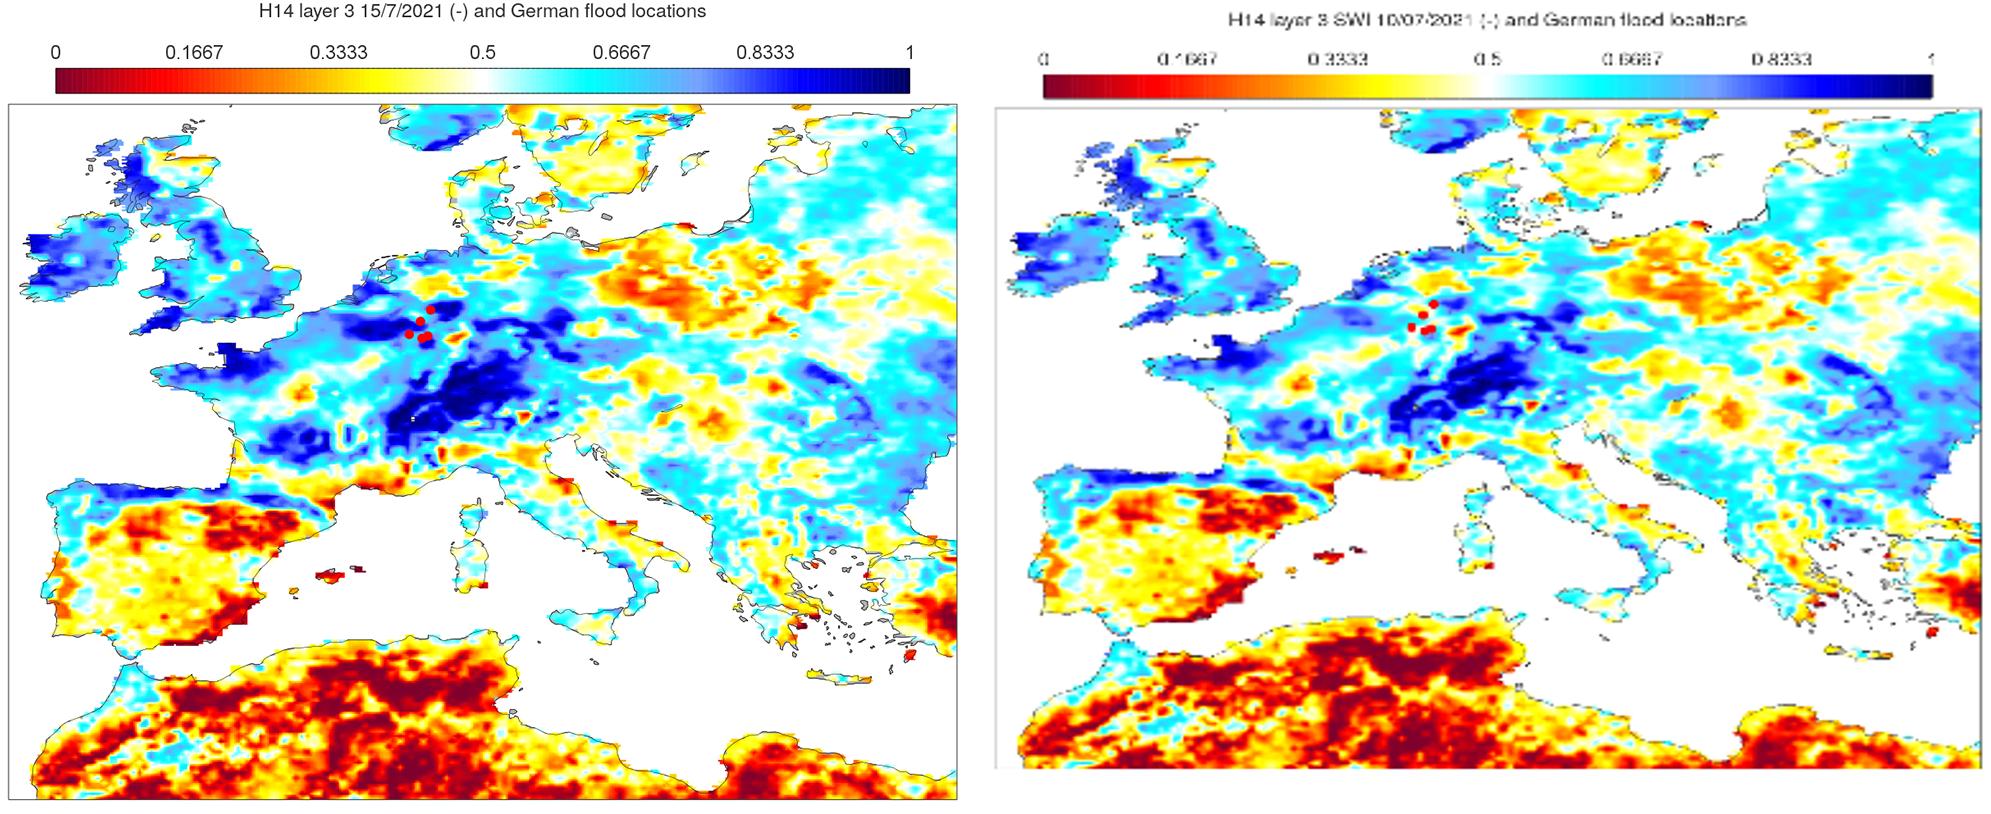 H SAF soil wetness index 10 & 15 July 2021